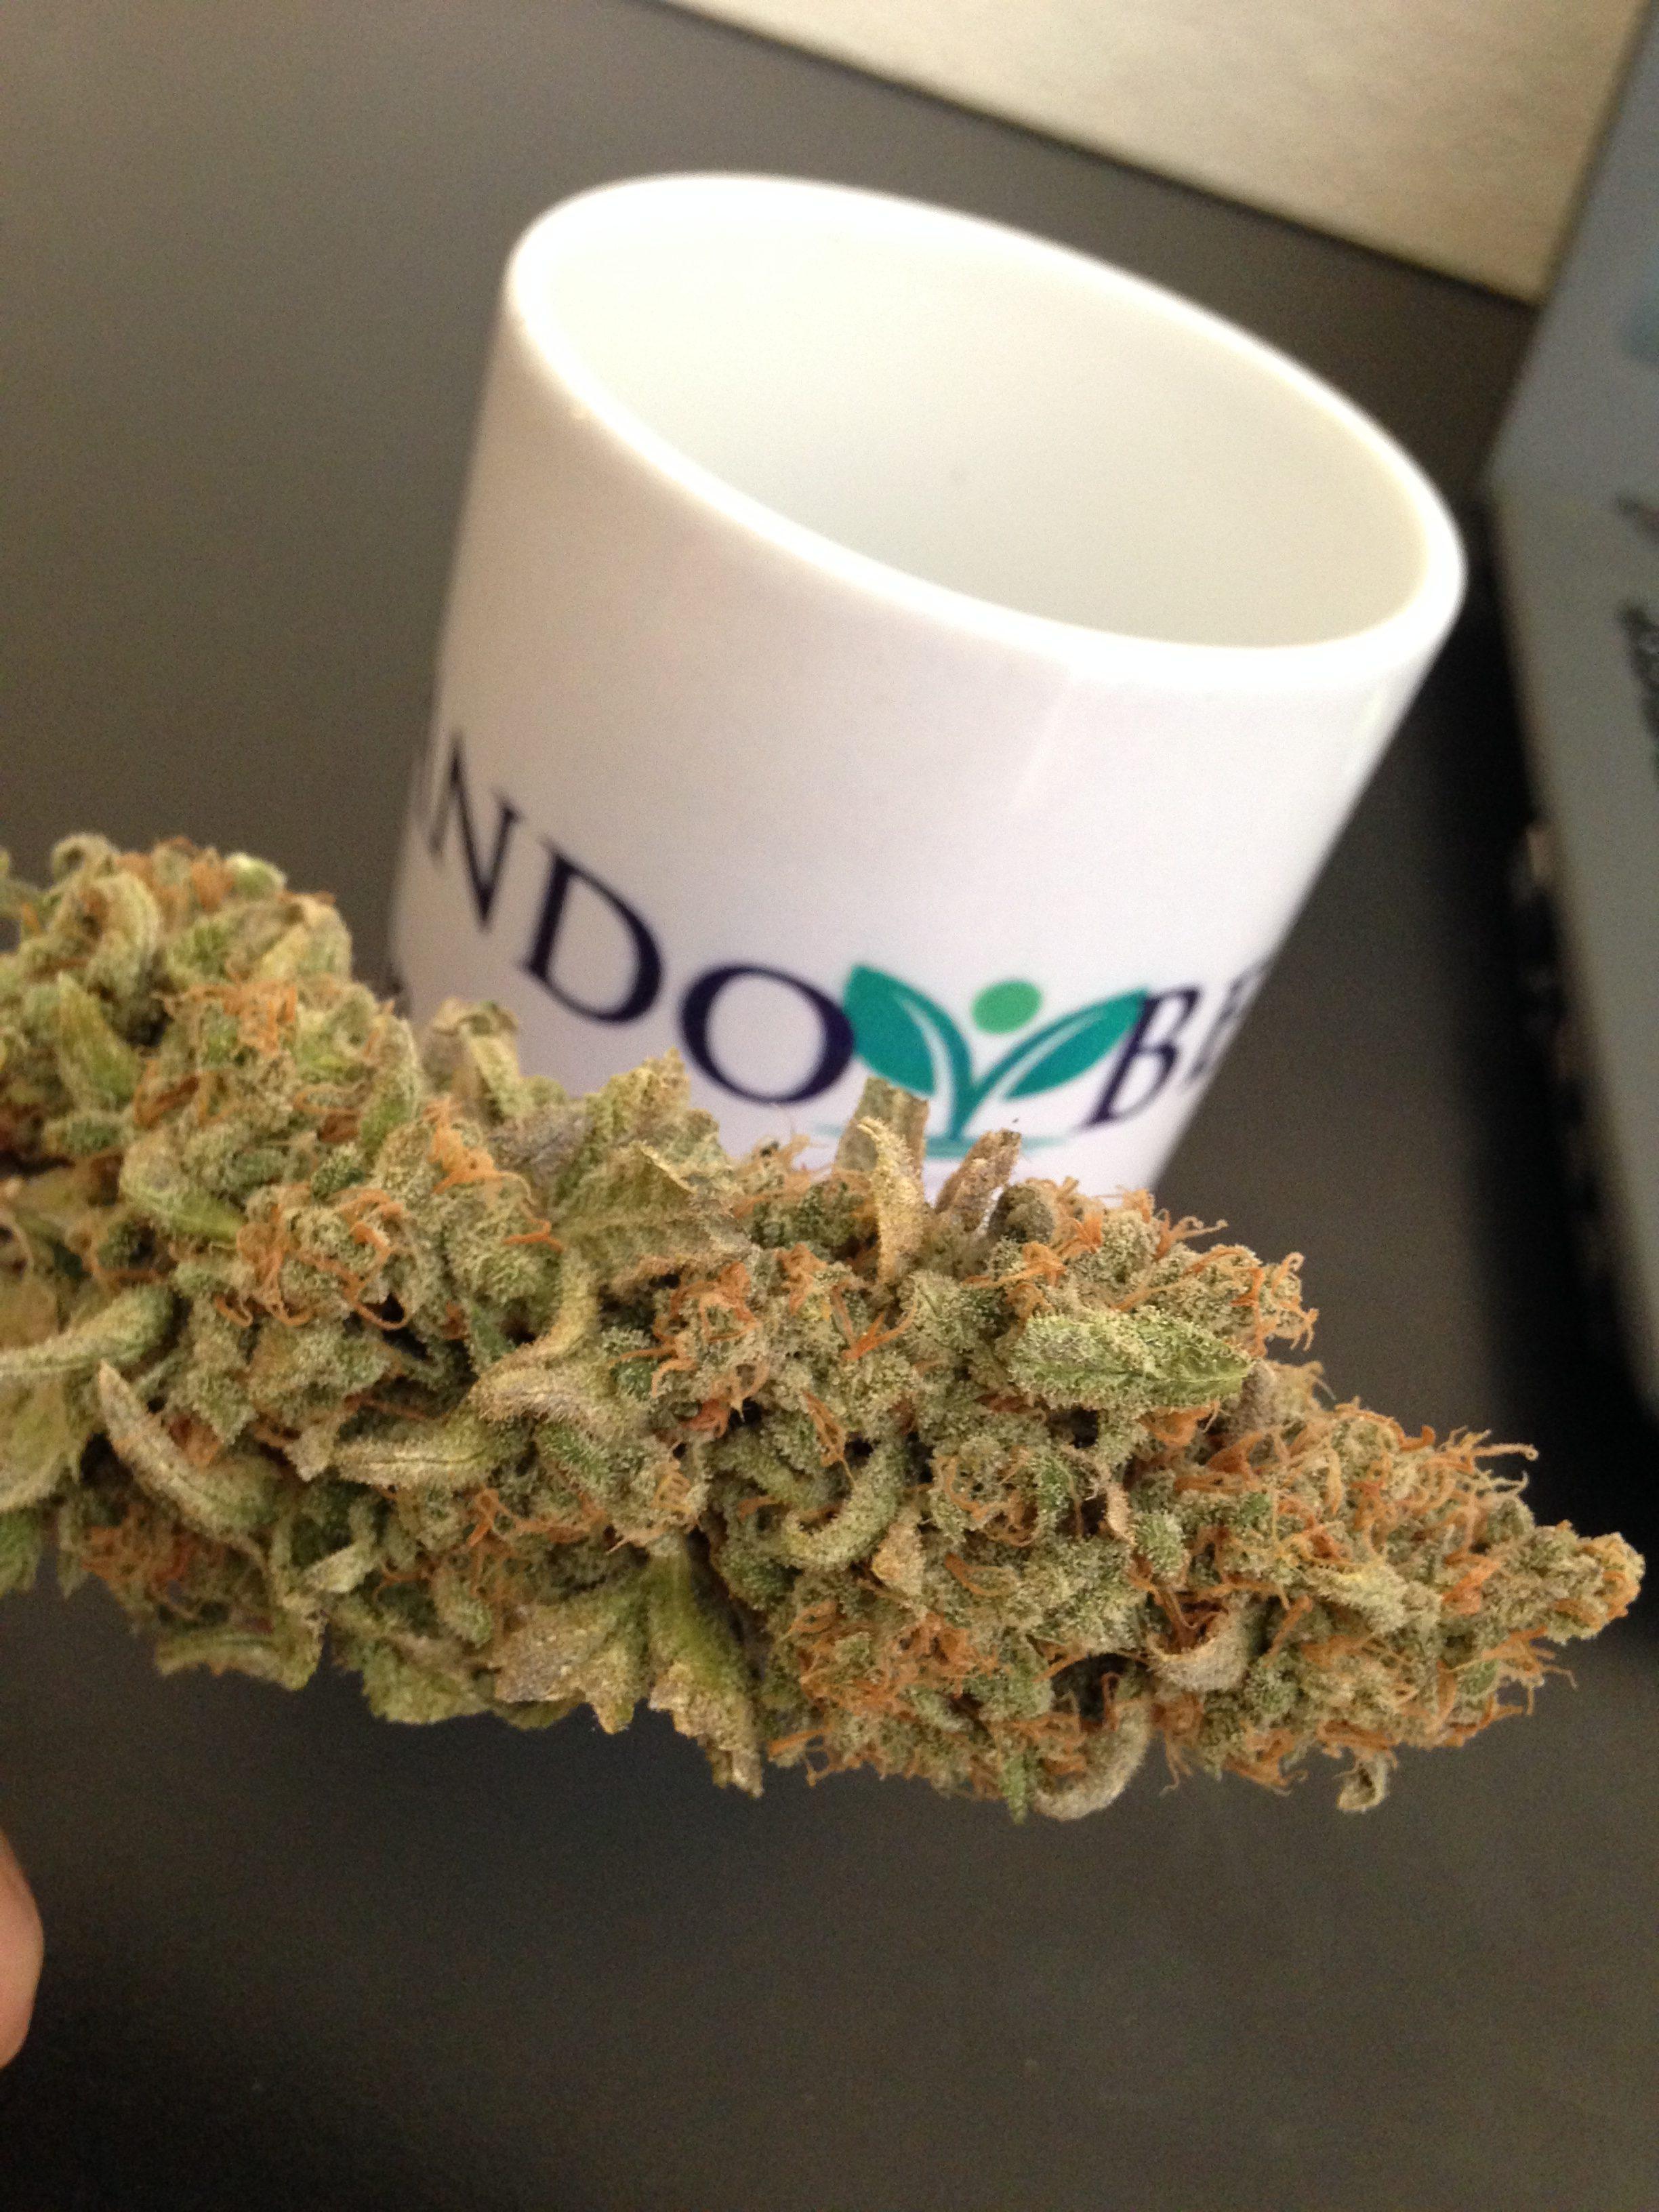 Veja Aqui Por Tempo Limitado: Como Você Pode Ter Colheitas de Cannabis Medicinal de 2 em 2 Meses